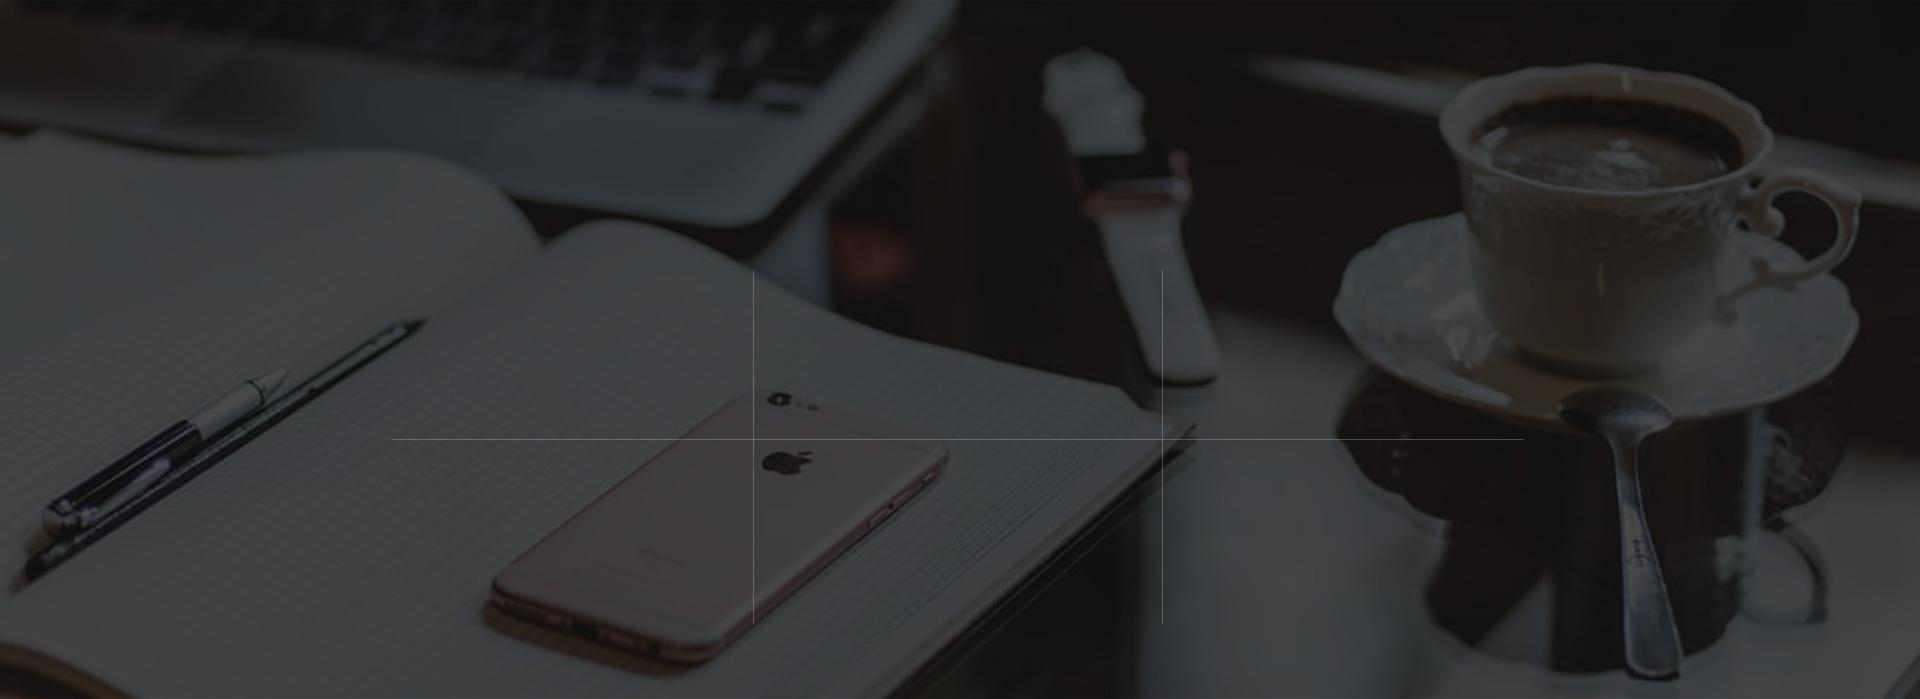 即刻搜索引擎下载_西安网站建设|西安网站制作|西安网络公司-企尚网络